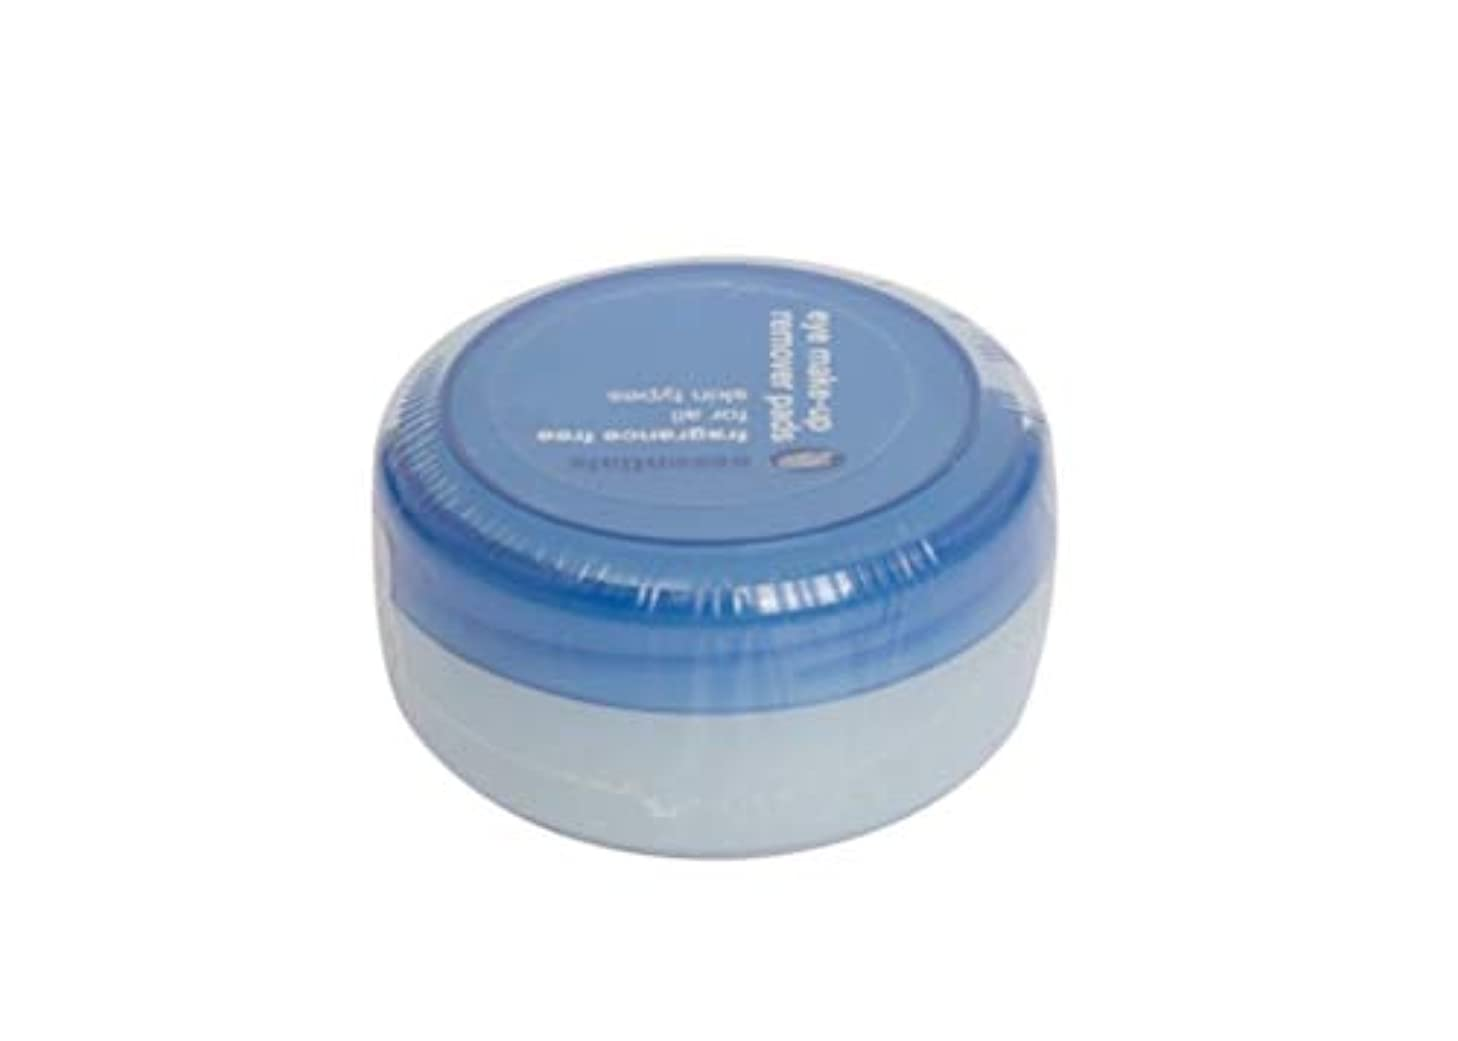 今晩リラックスした密essentials☆アイメイクリムーバーパット40枚入り(無香)eye make-up remover pads 40pcs(fragrance free)[並行輸入品]